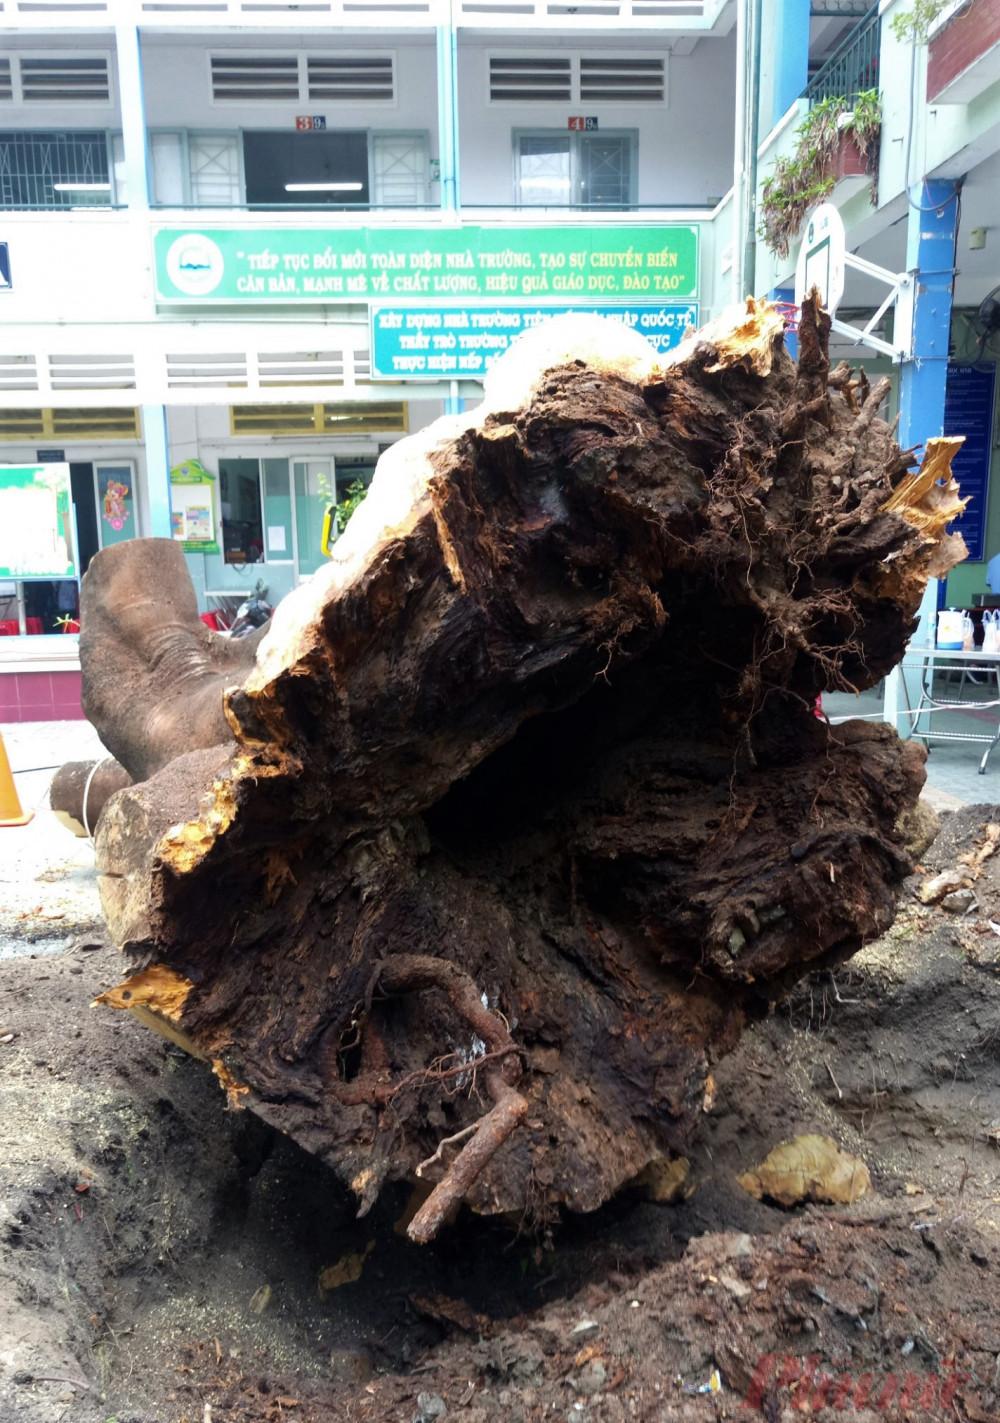 Sự thật là toàn bộ rễ cây đã mục nát, cây có thể bật gốc bất cứ lúc nào